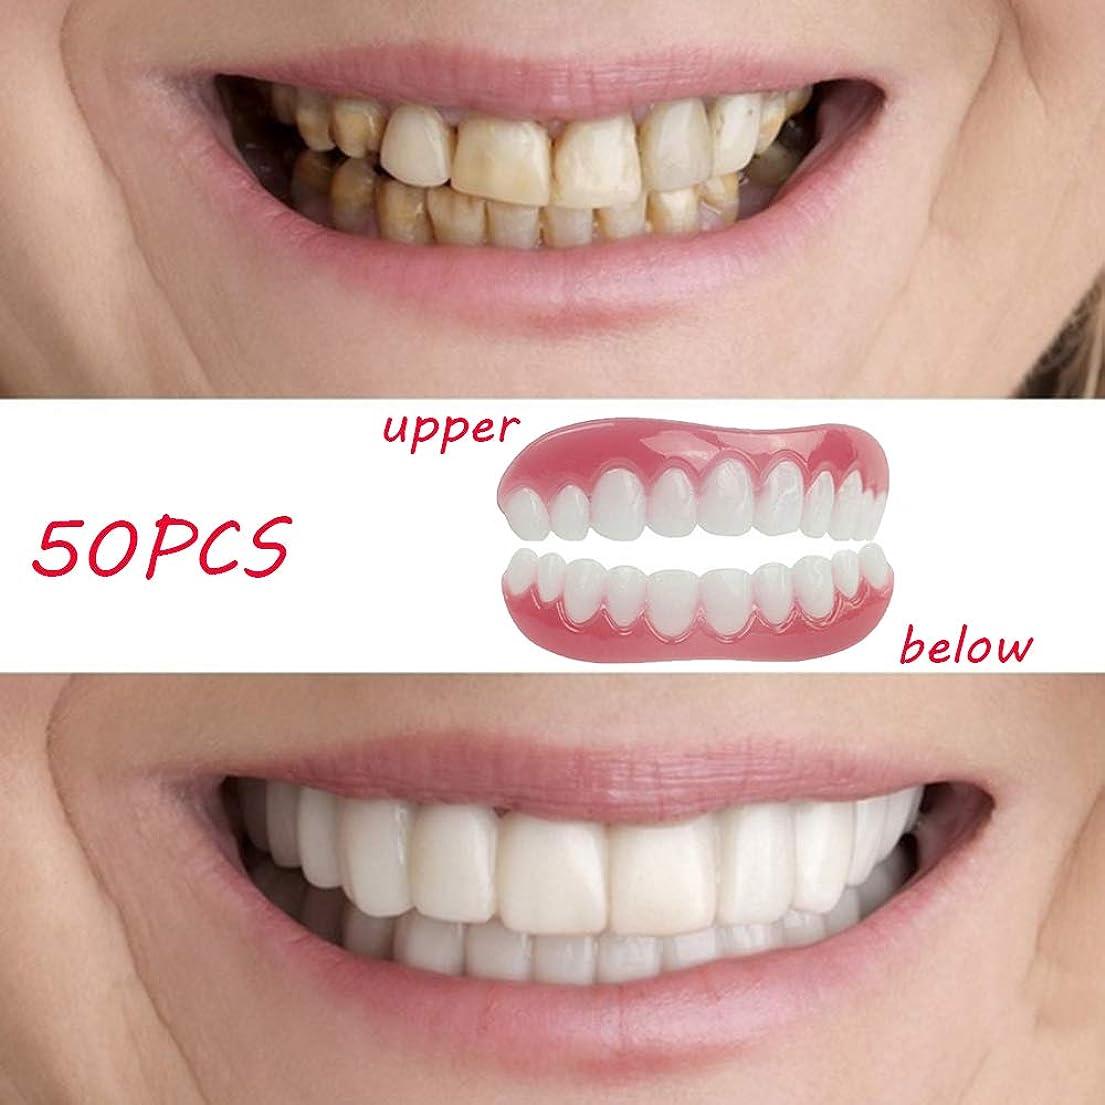 事実上飾り羽テーブルを設定する上下の歯を白くする50 PCS快適な歯の調整用化粧板1つのサイズすべての義歯のために適した義歯接着義歯完璧な笑顔